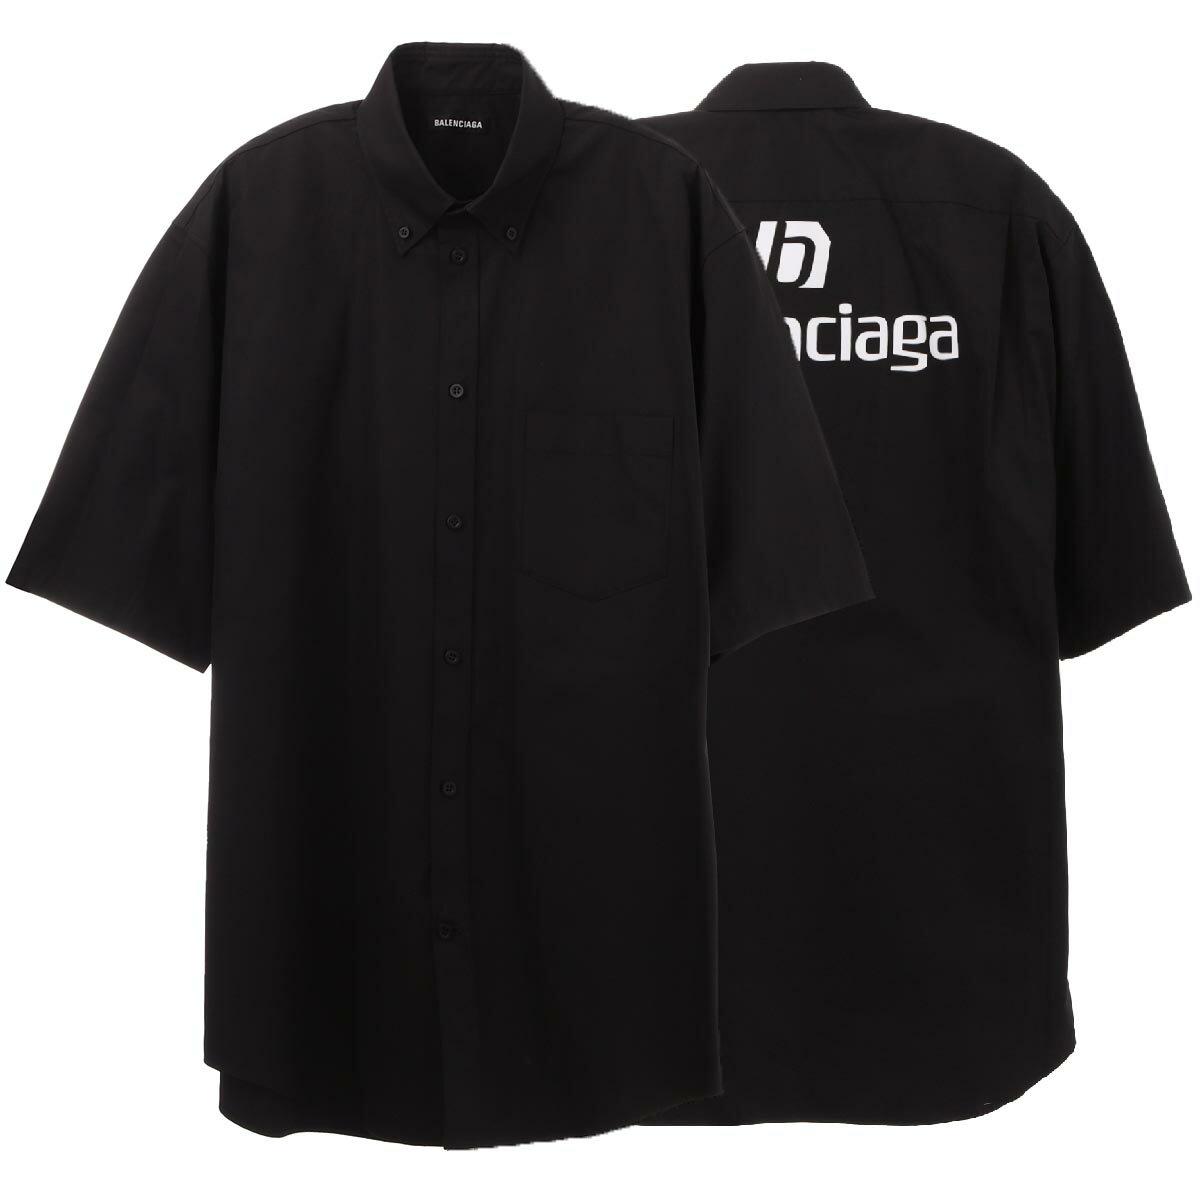 トップス, カジュアルシャツ  BALENCIAGA 642292 tyb18 1000 SPONSOR